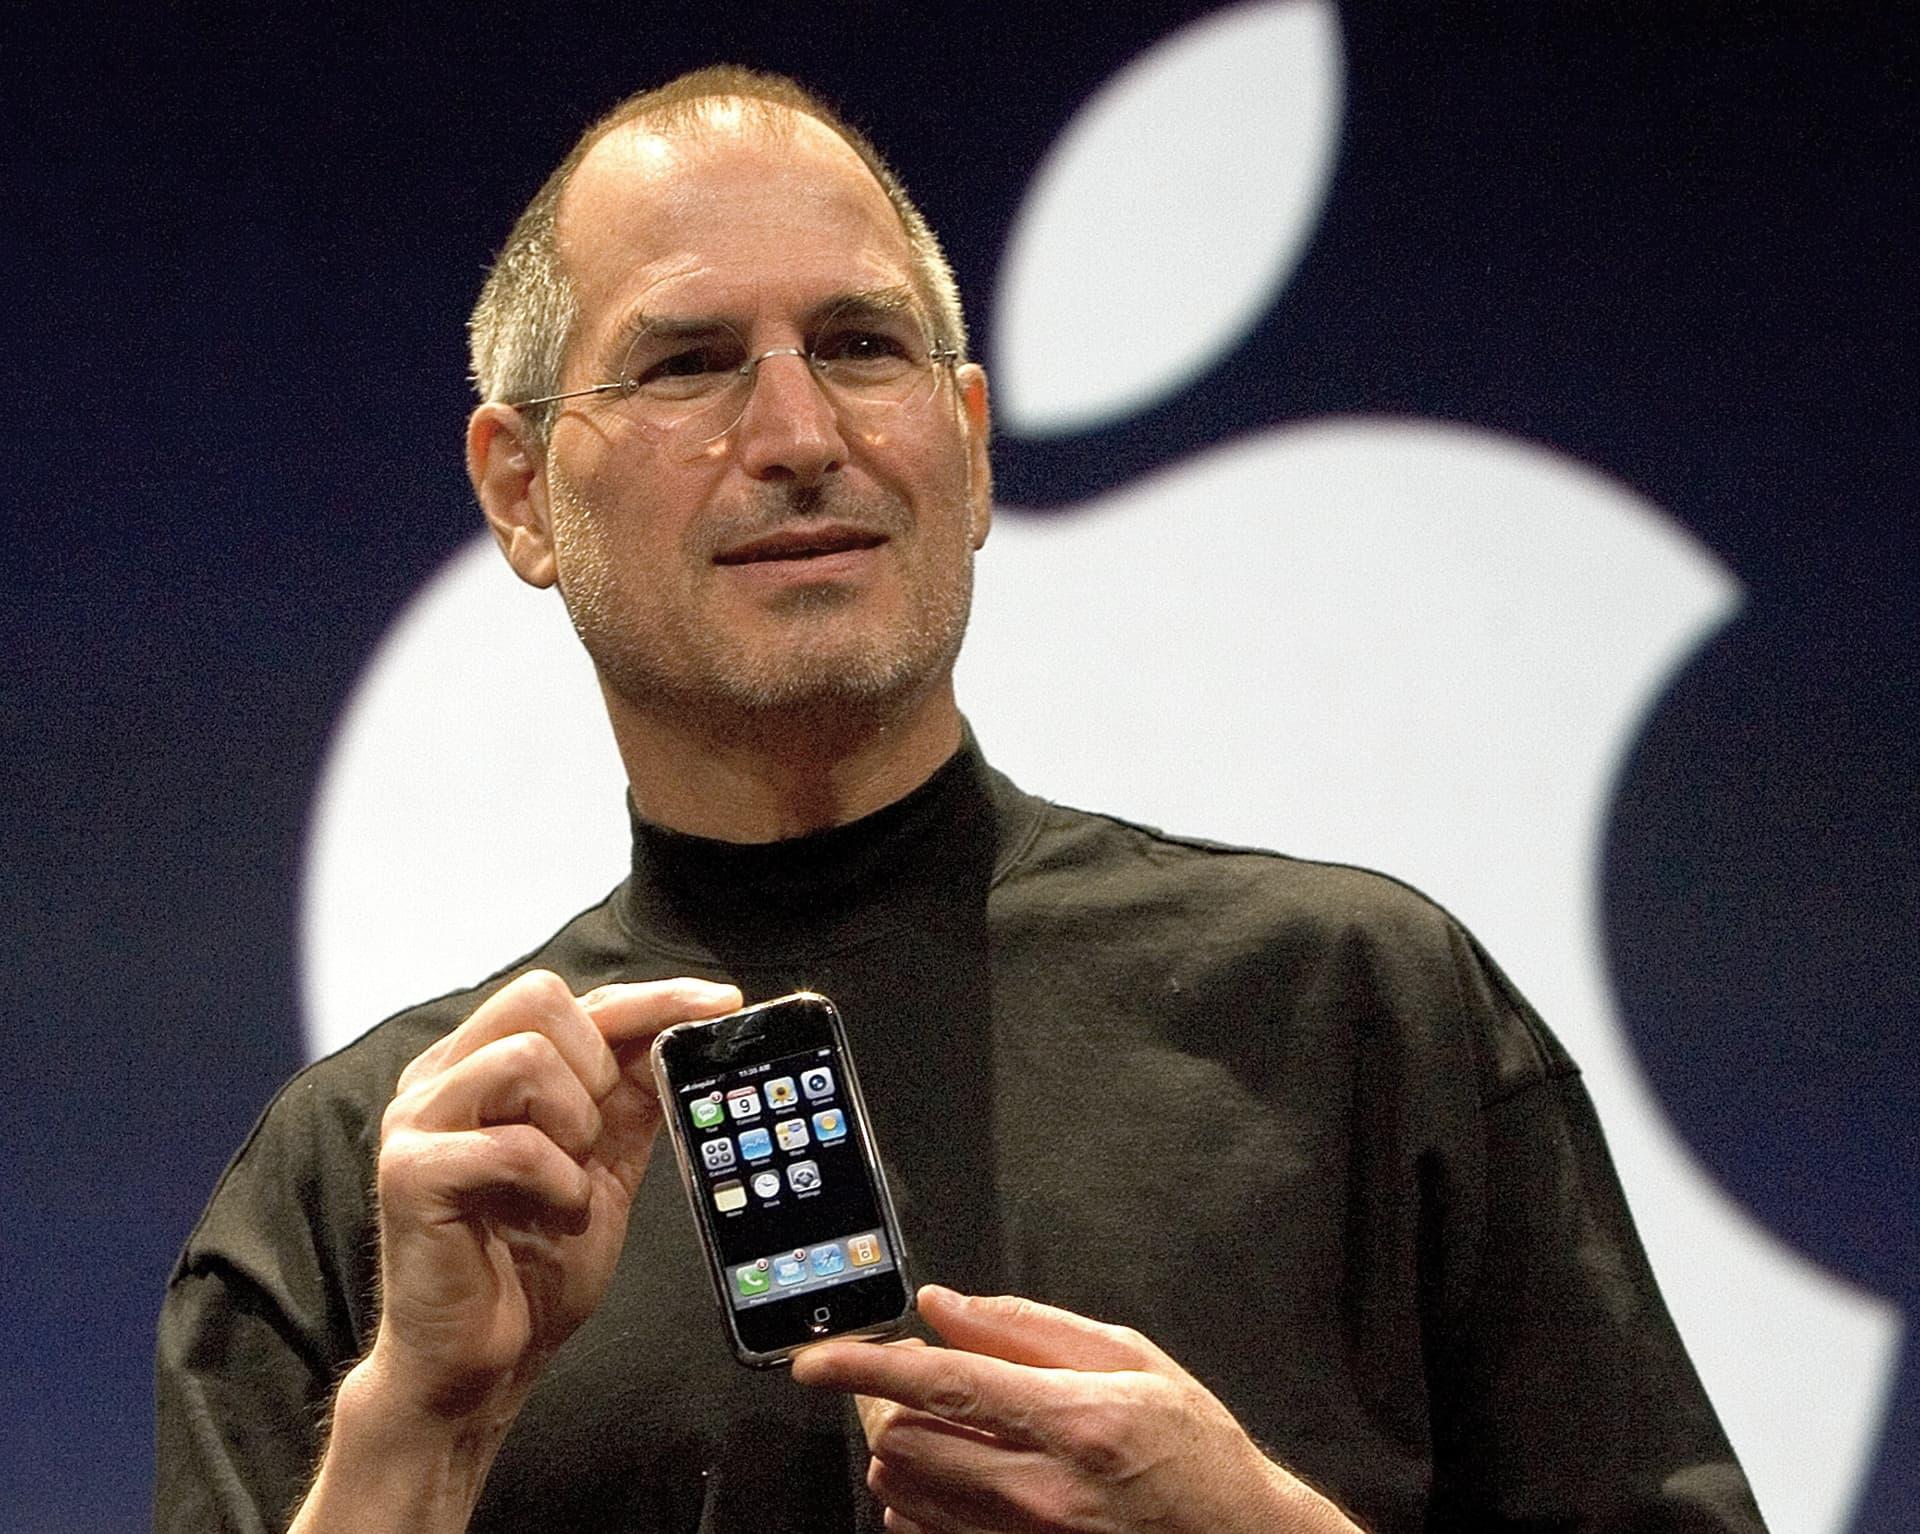 Steve Jobs from Apple